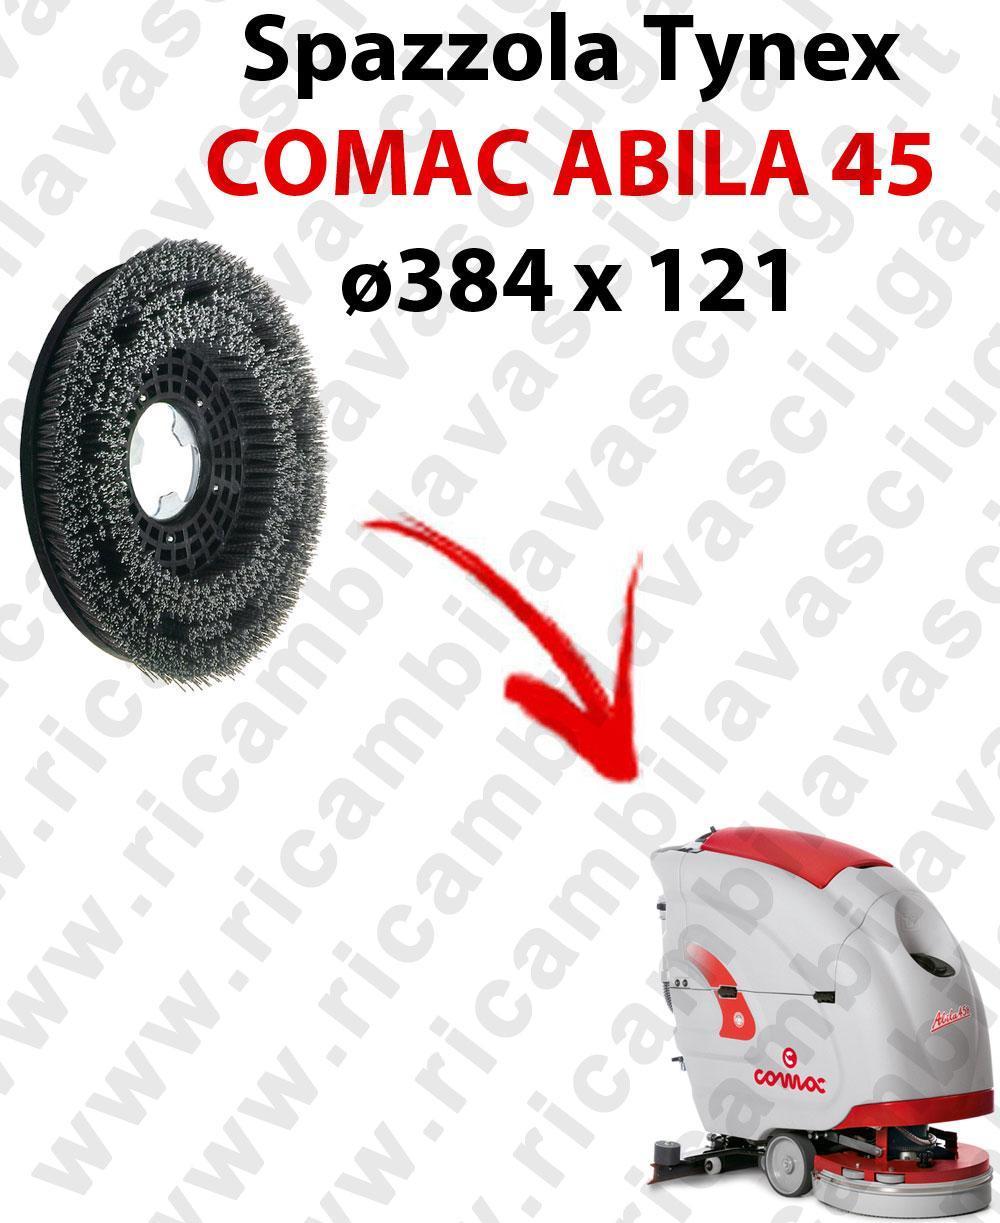 ABILA 45 Bürsten in TYNEX ø384 X 121 für scheuersaugmaschinen COMAC